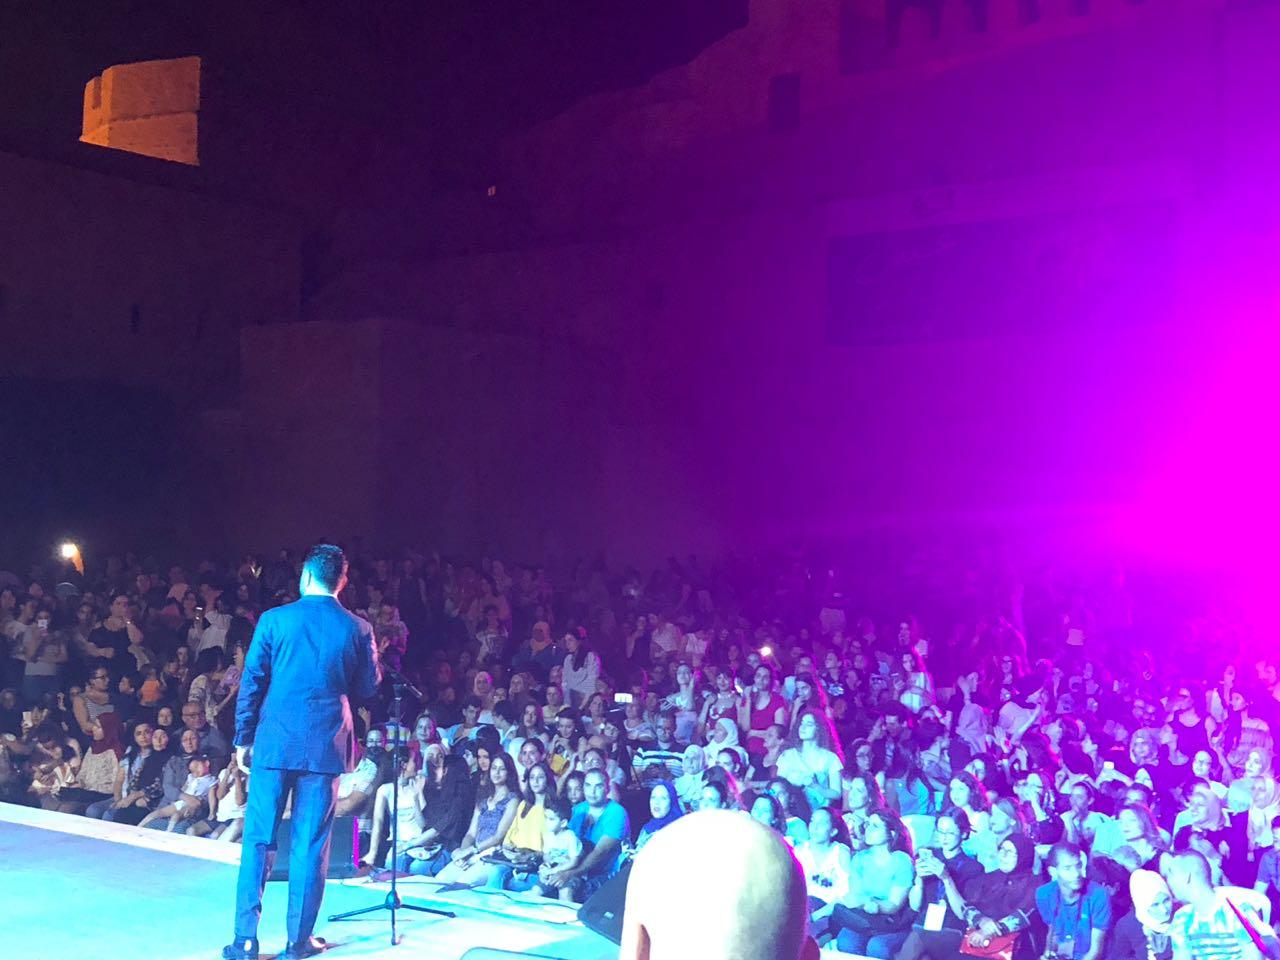 جمهور زياد برجي ردّد كل أغانيه